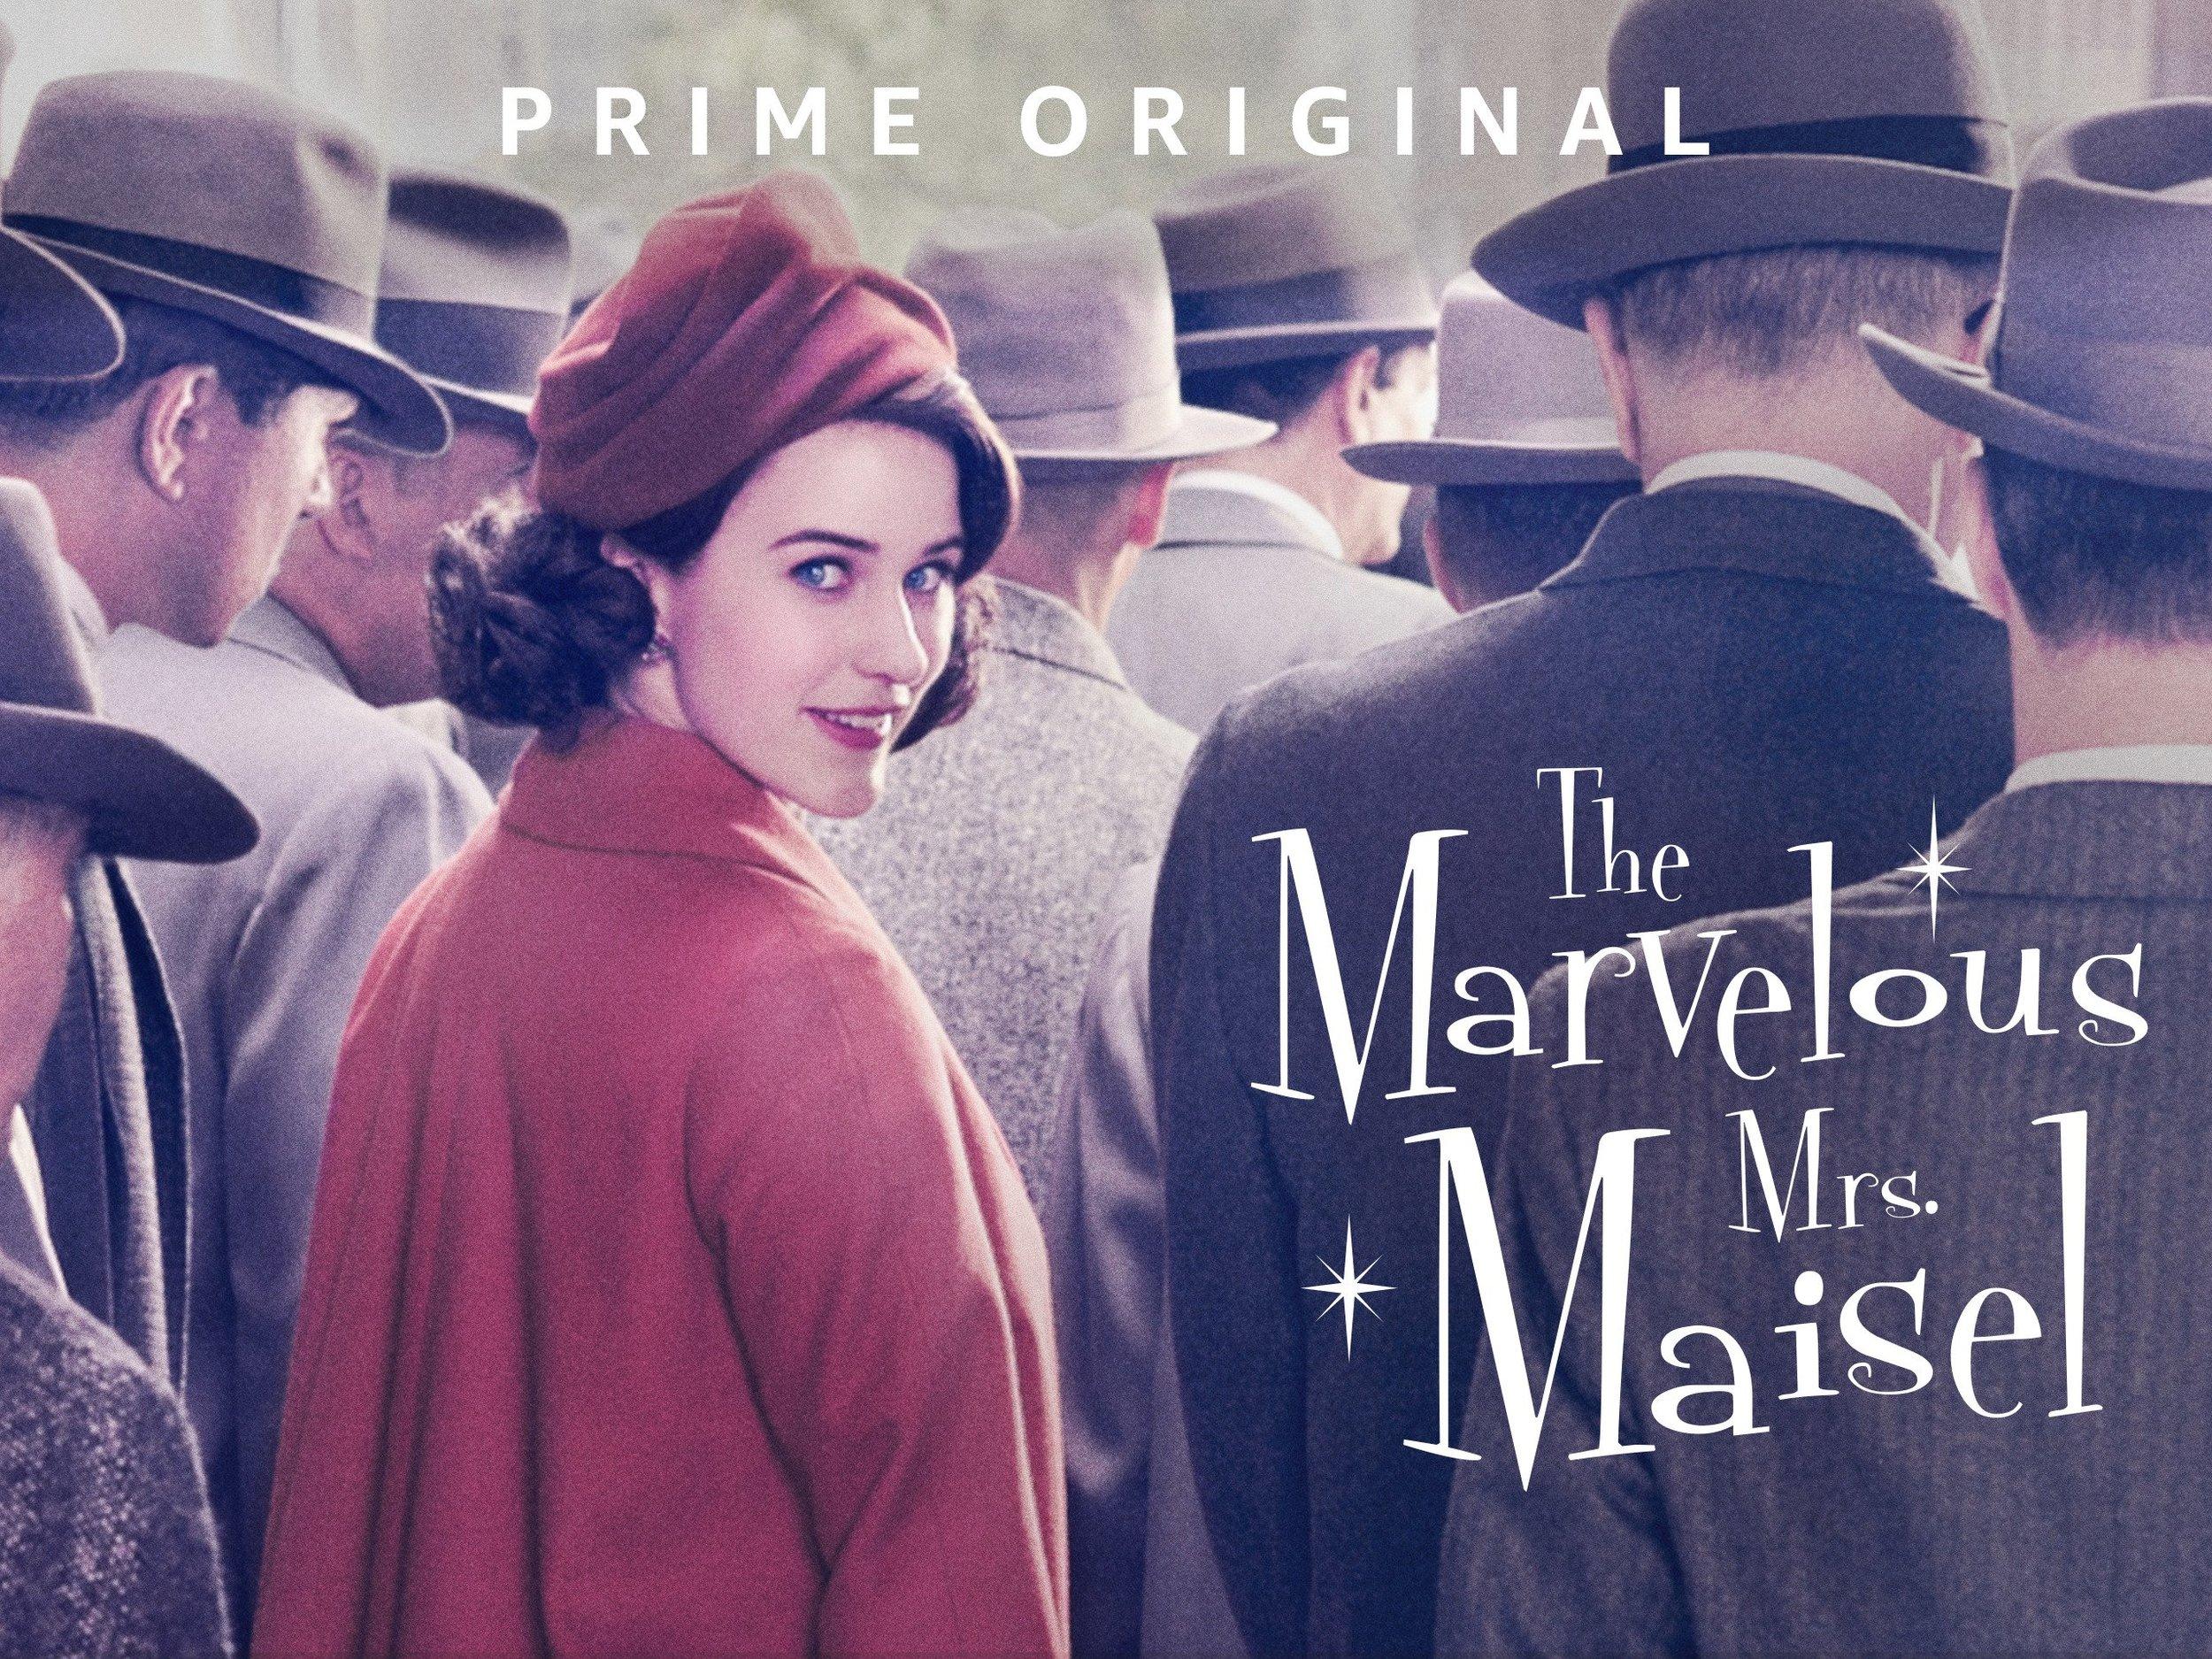 Marvelous Mrs. Maisel - Dancer in Season 3